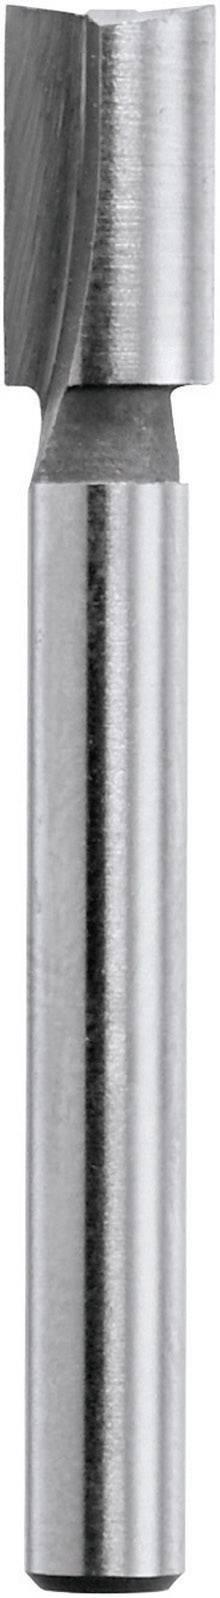 Fréza, Dremel TR654, Ø hřídele 4,8 mm